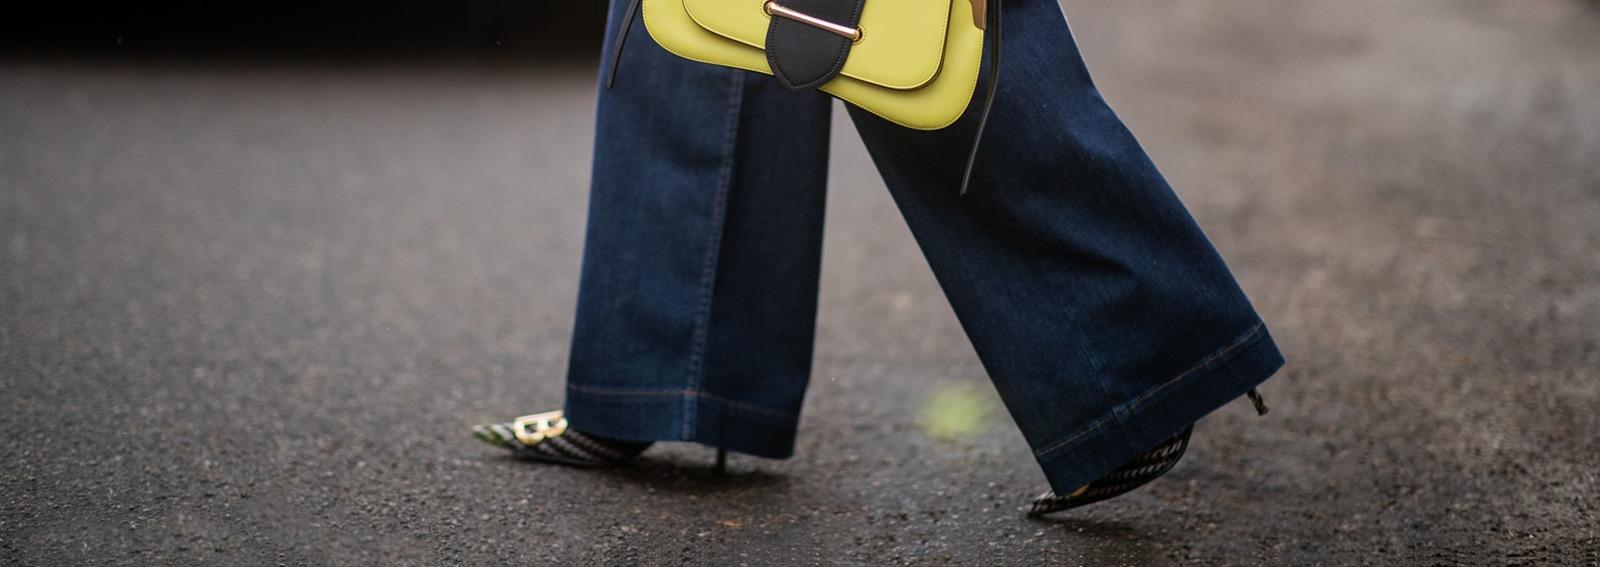 3d3181cb67 foto di Simona Rottondi. Simona Rottondi — 21 febbraio 2019.  DESKTOP_abbinare_scarpe_jeans_larghi. DESKTOP_abbinare_scarpe_jeans_larghi